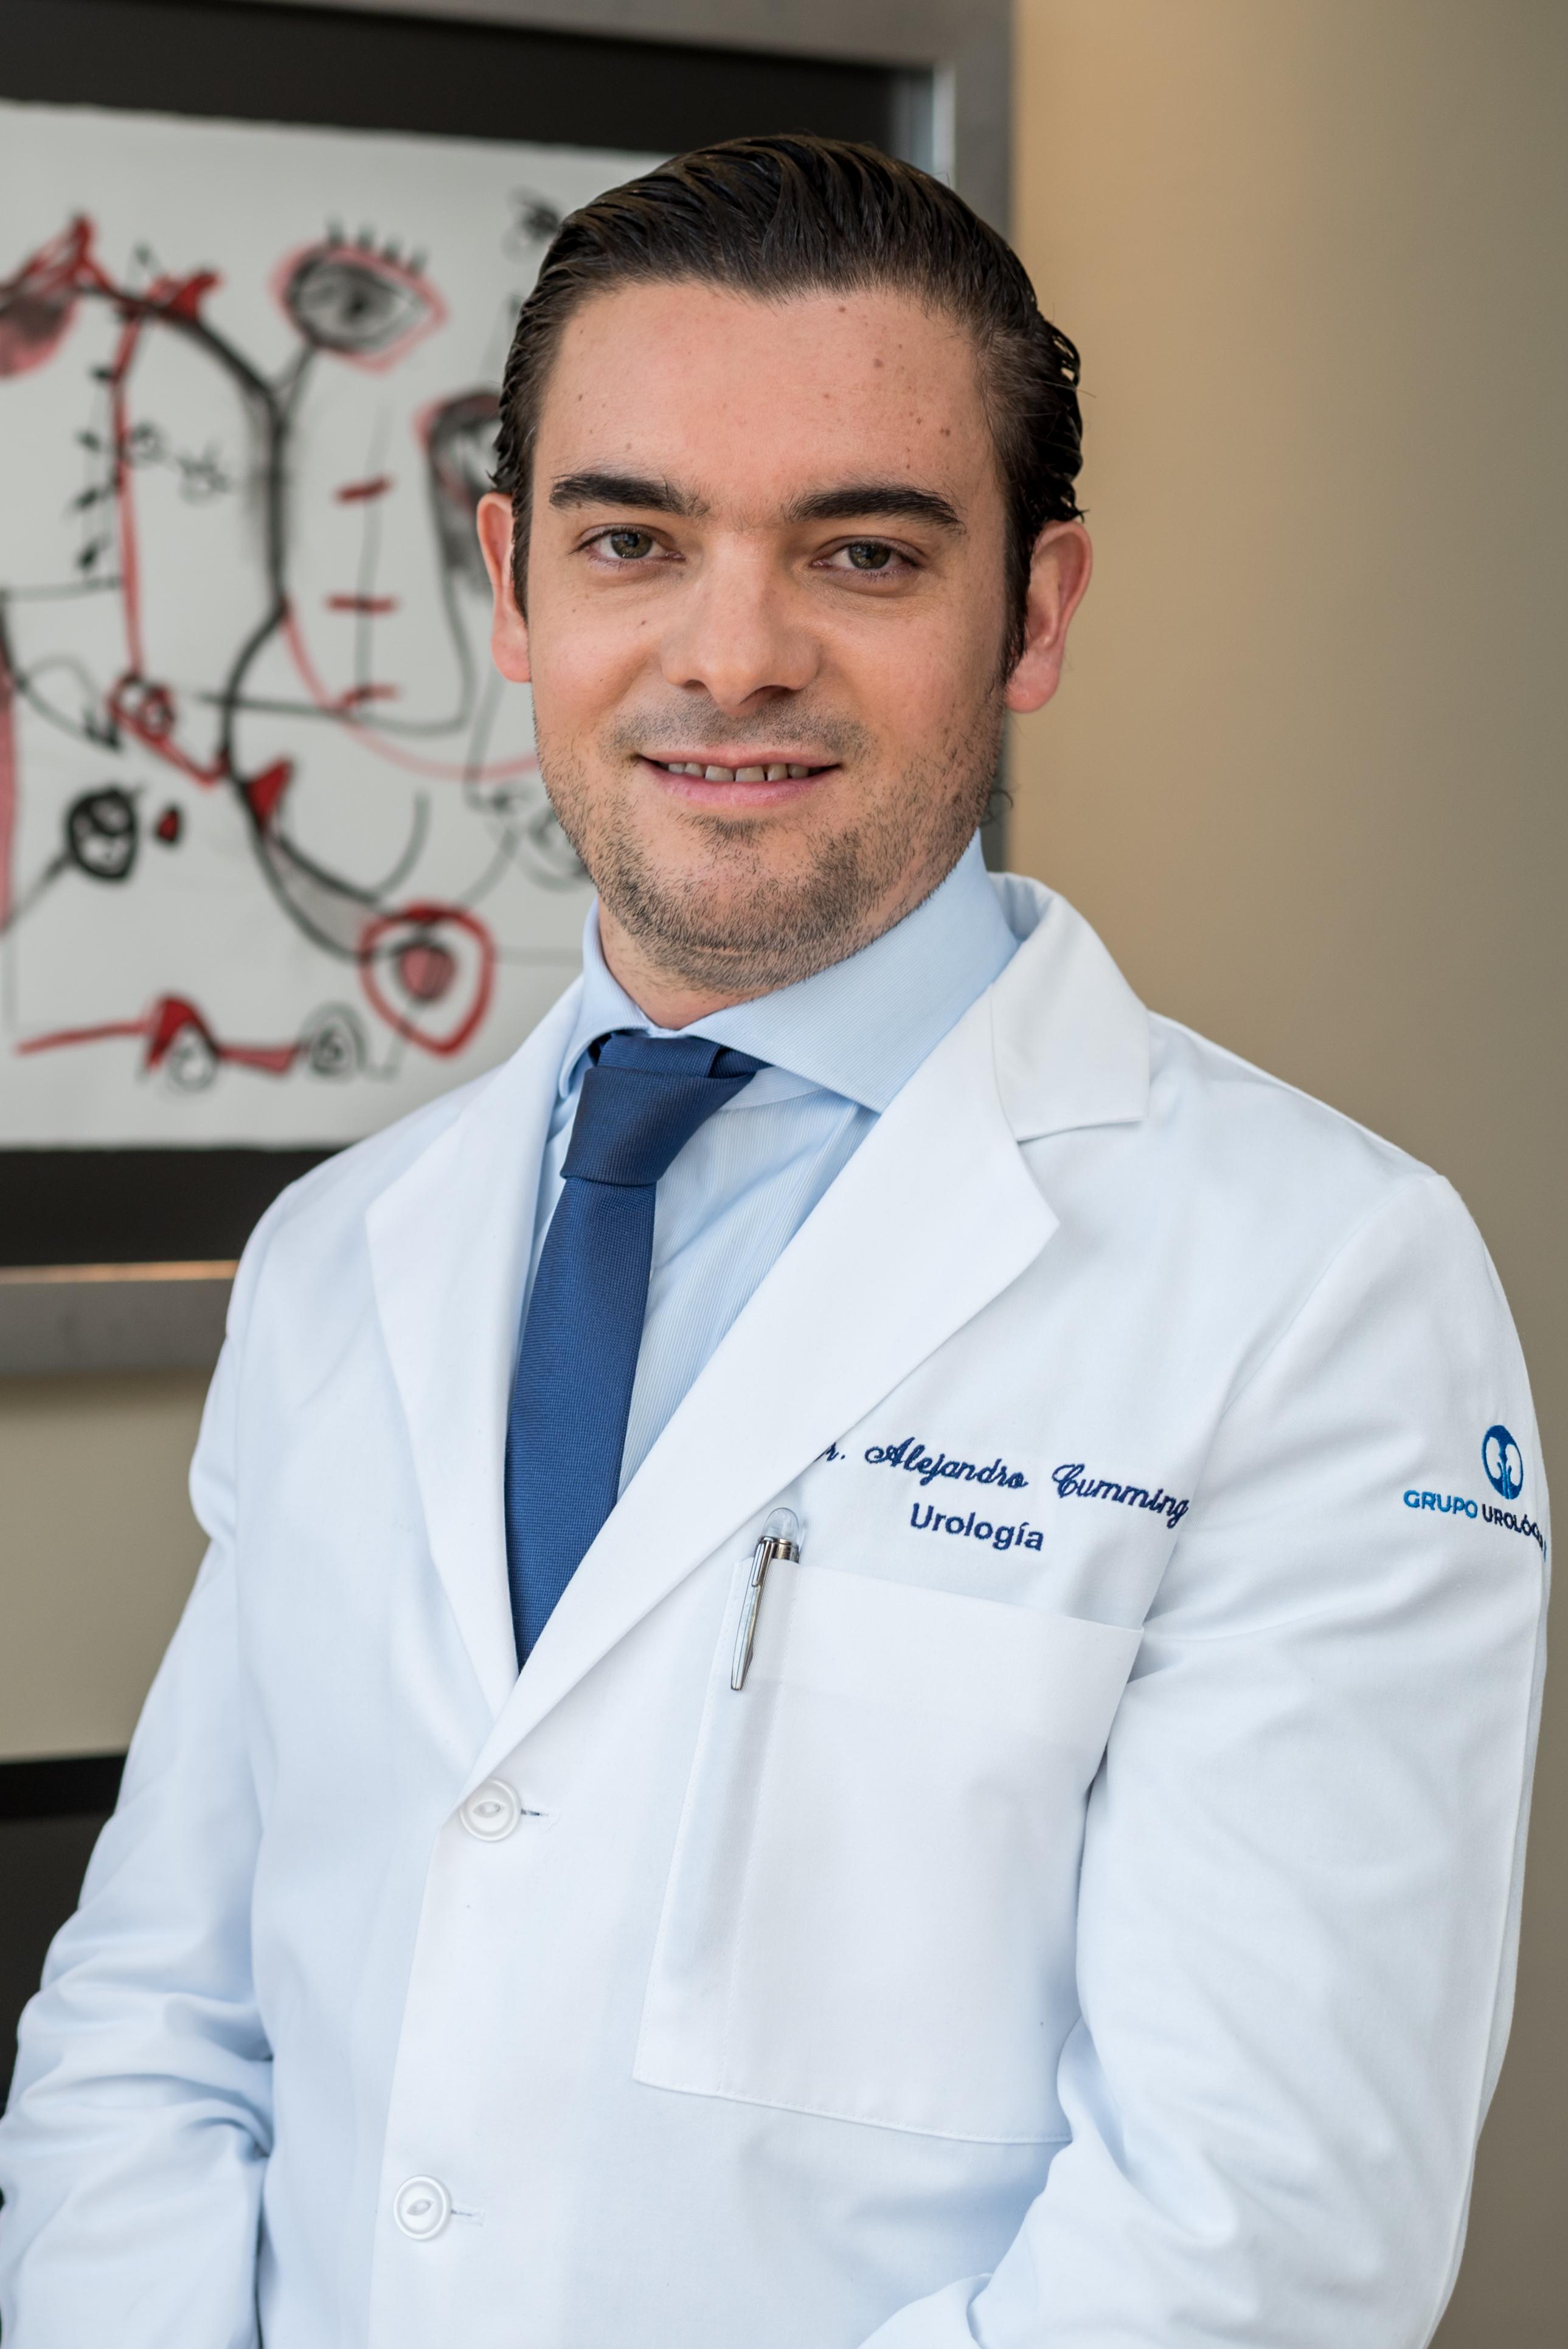 Dr. Alejandro Cumming